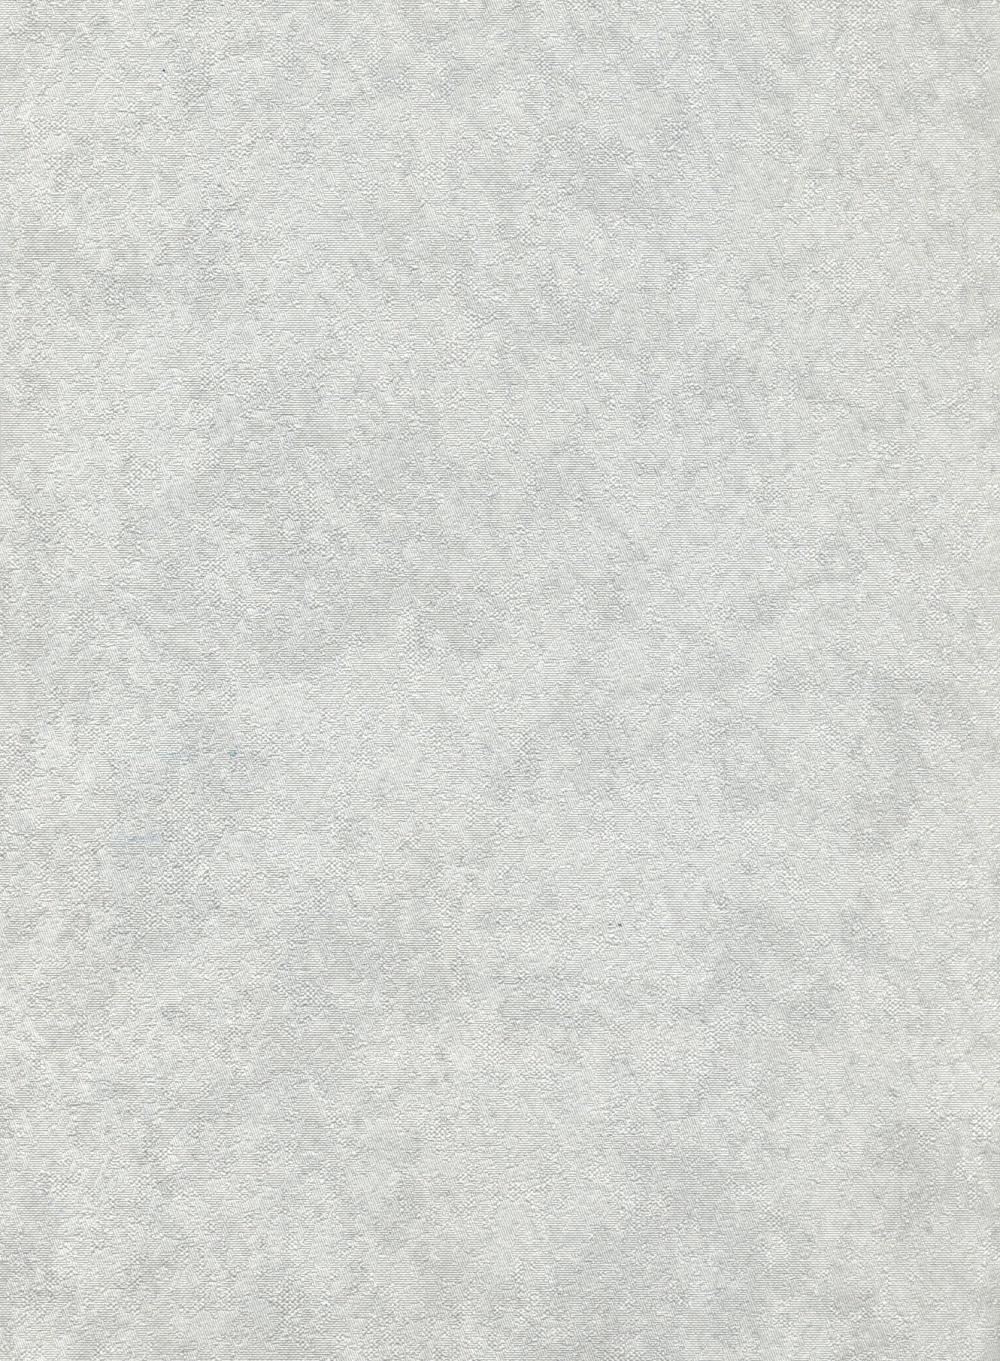 Солярис фон арт. 1090-07